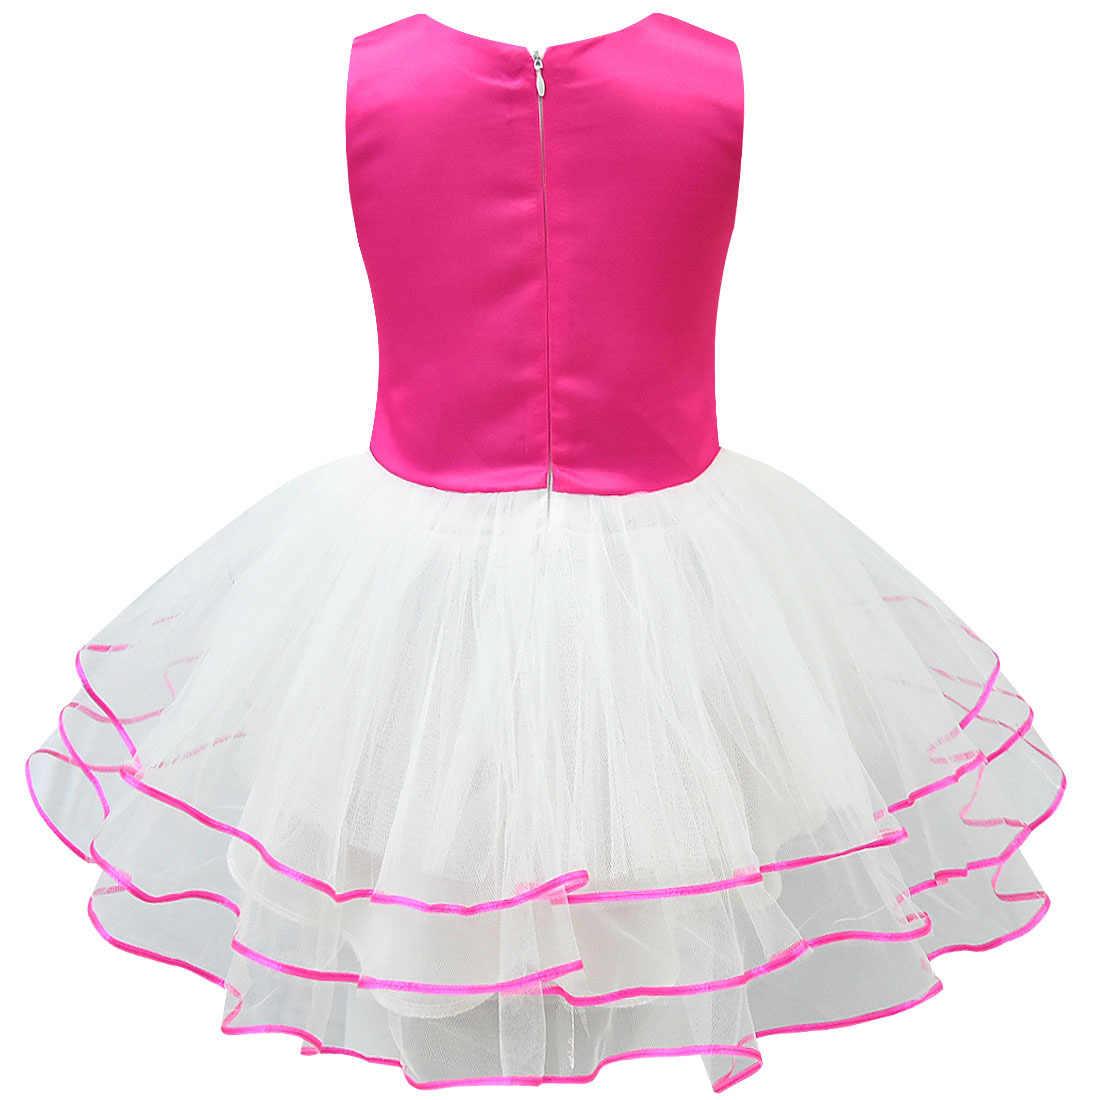 Новое платье для девочек с сюрпризом; детская сетчатая многослойная юбка с рисунком; детское платье принцессы; костюм куклы с героями мультфильмов